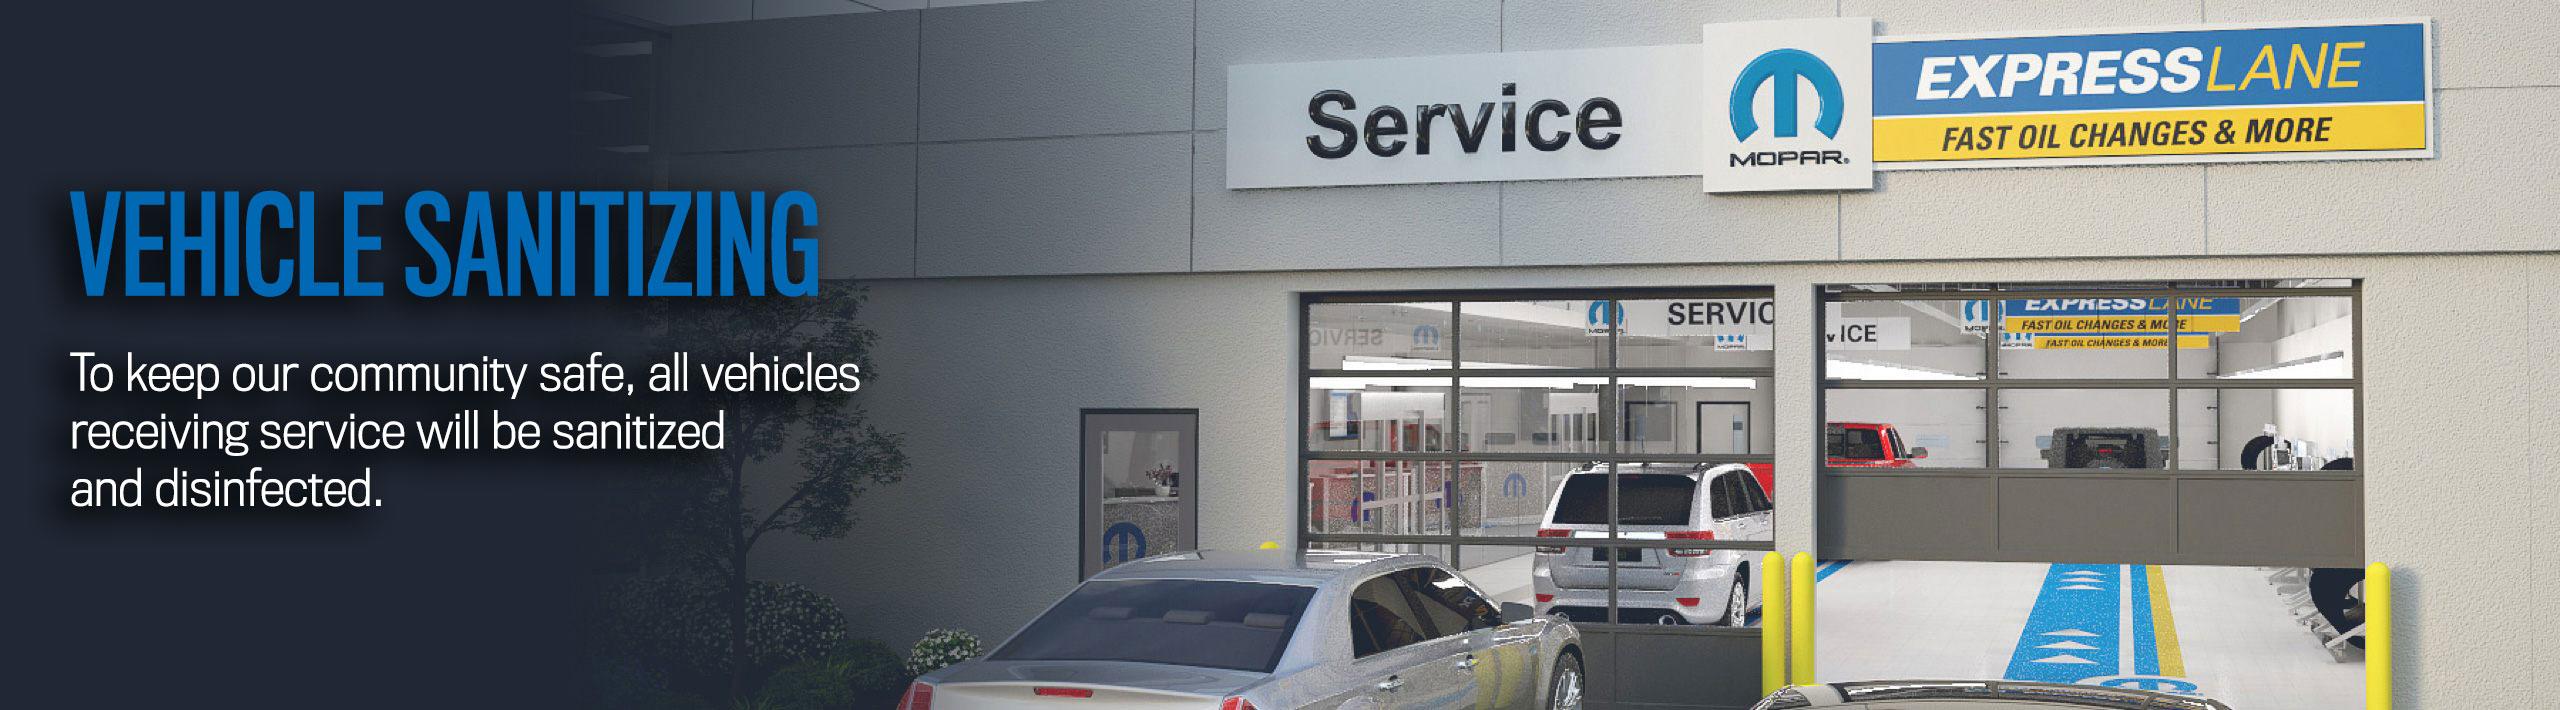 Vehicle Sanitizing